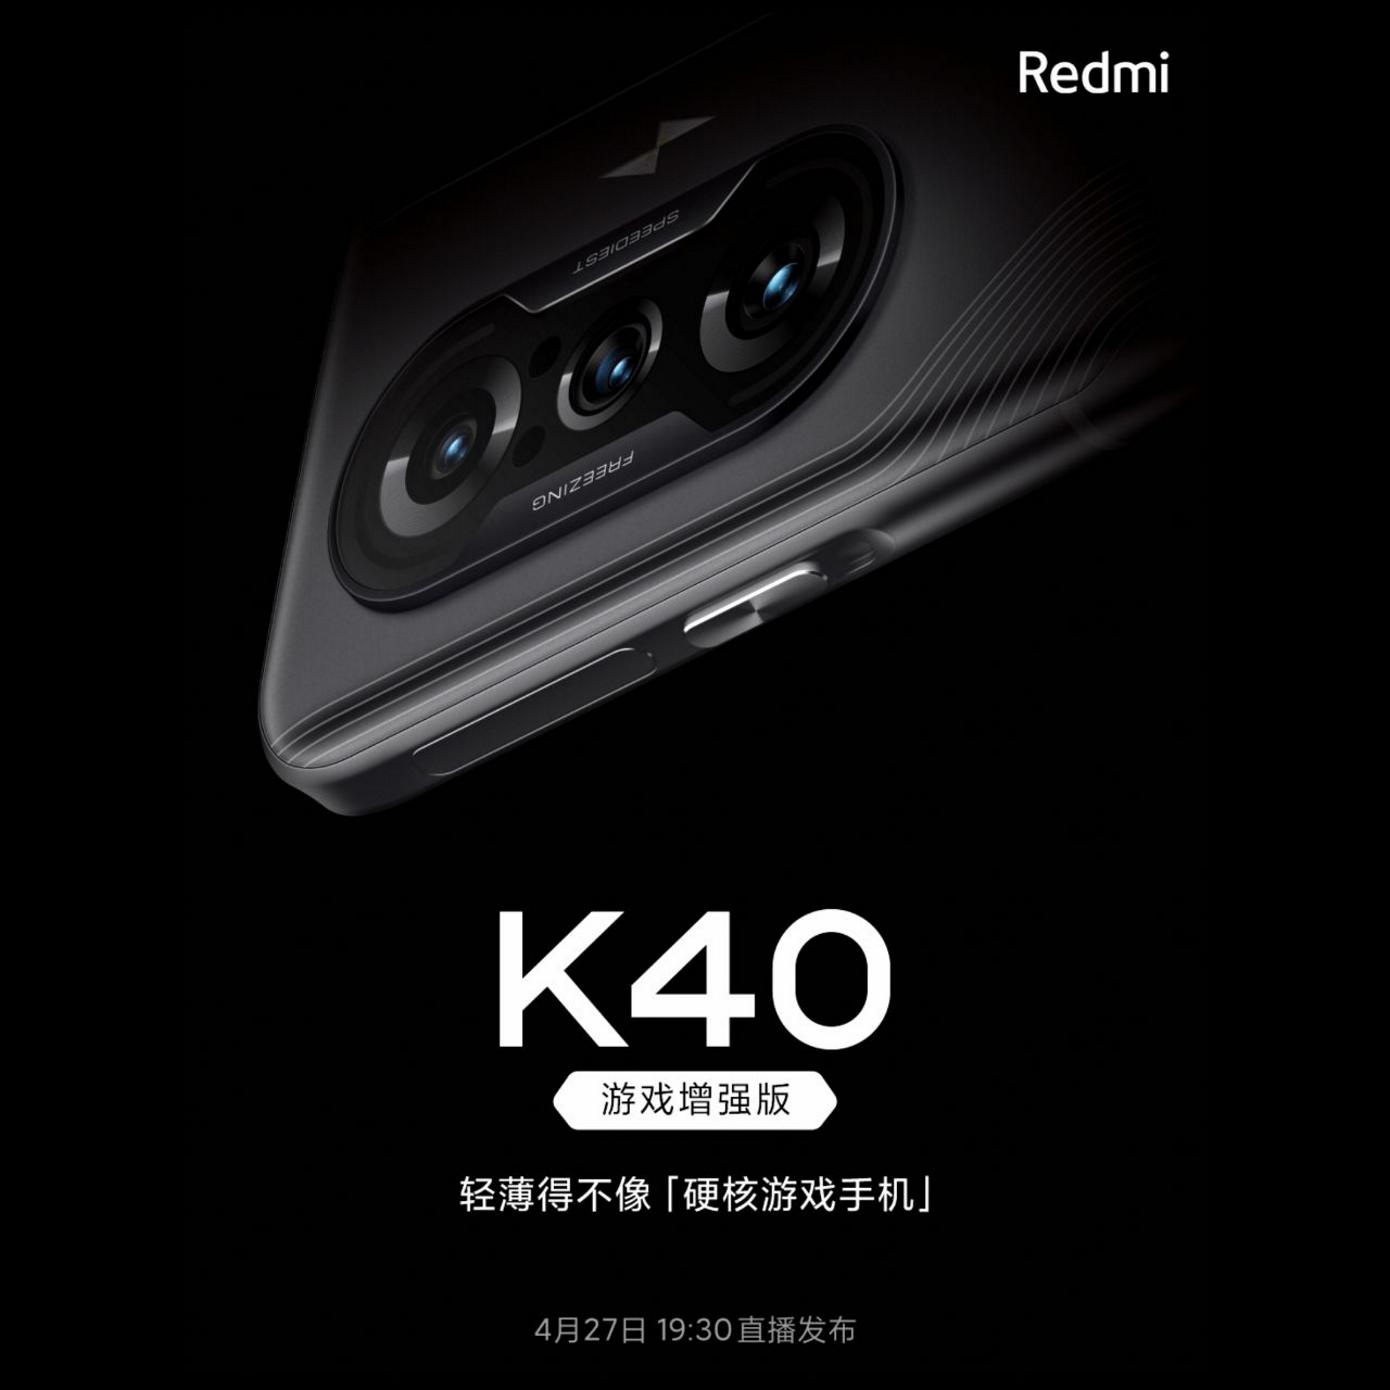 Igrovoj Smartfon Redmi Budet Predstavlen 27 Aprelya 2